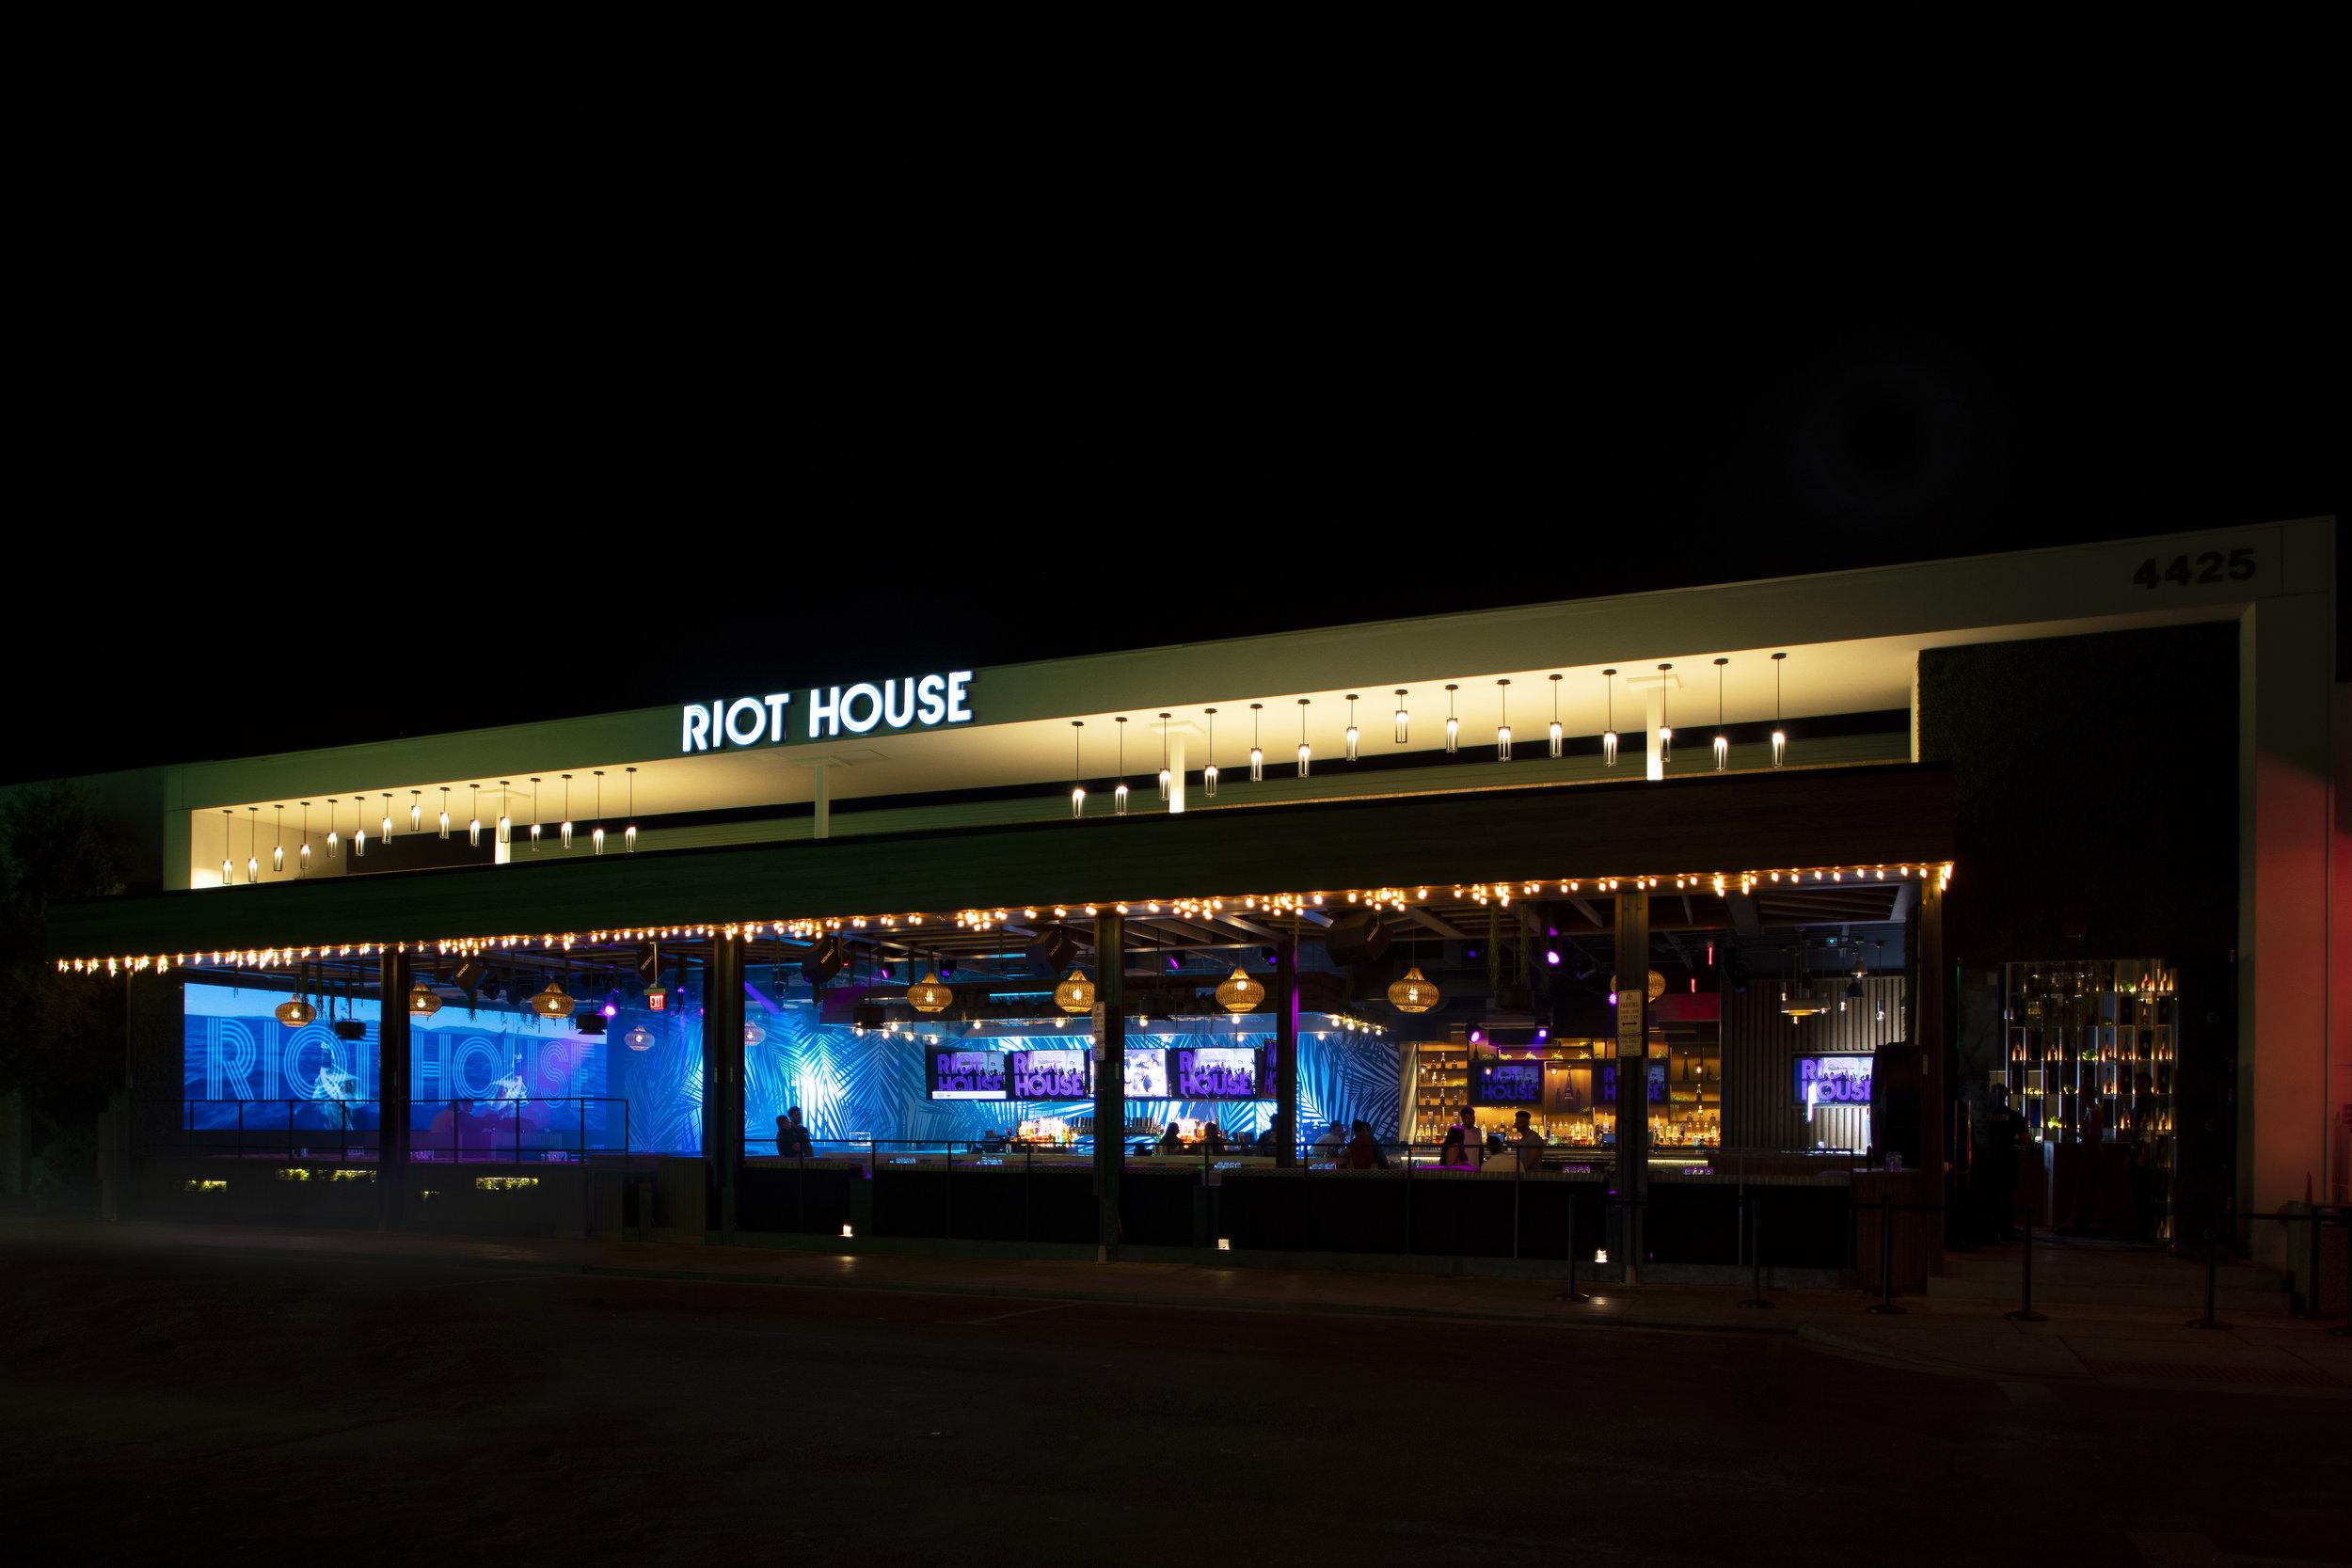 RiotHouse_CWArch_BGoddard_R3A5148.JPG